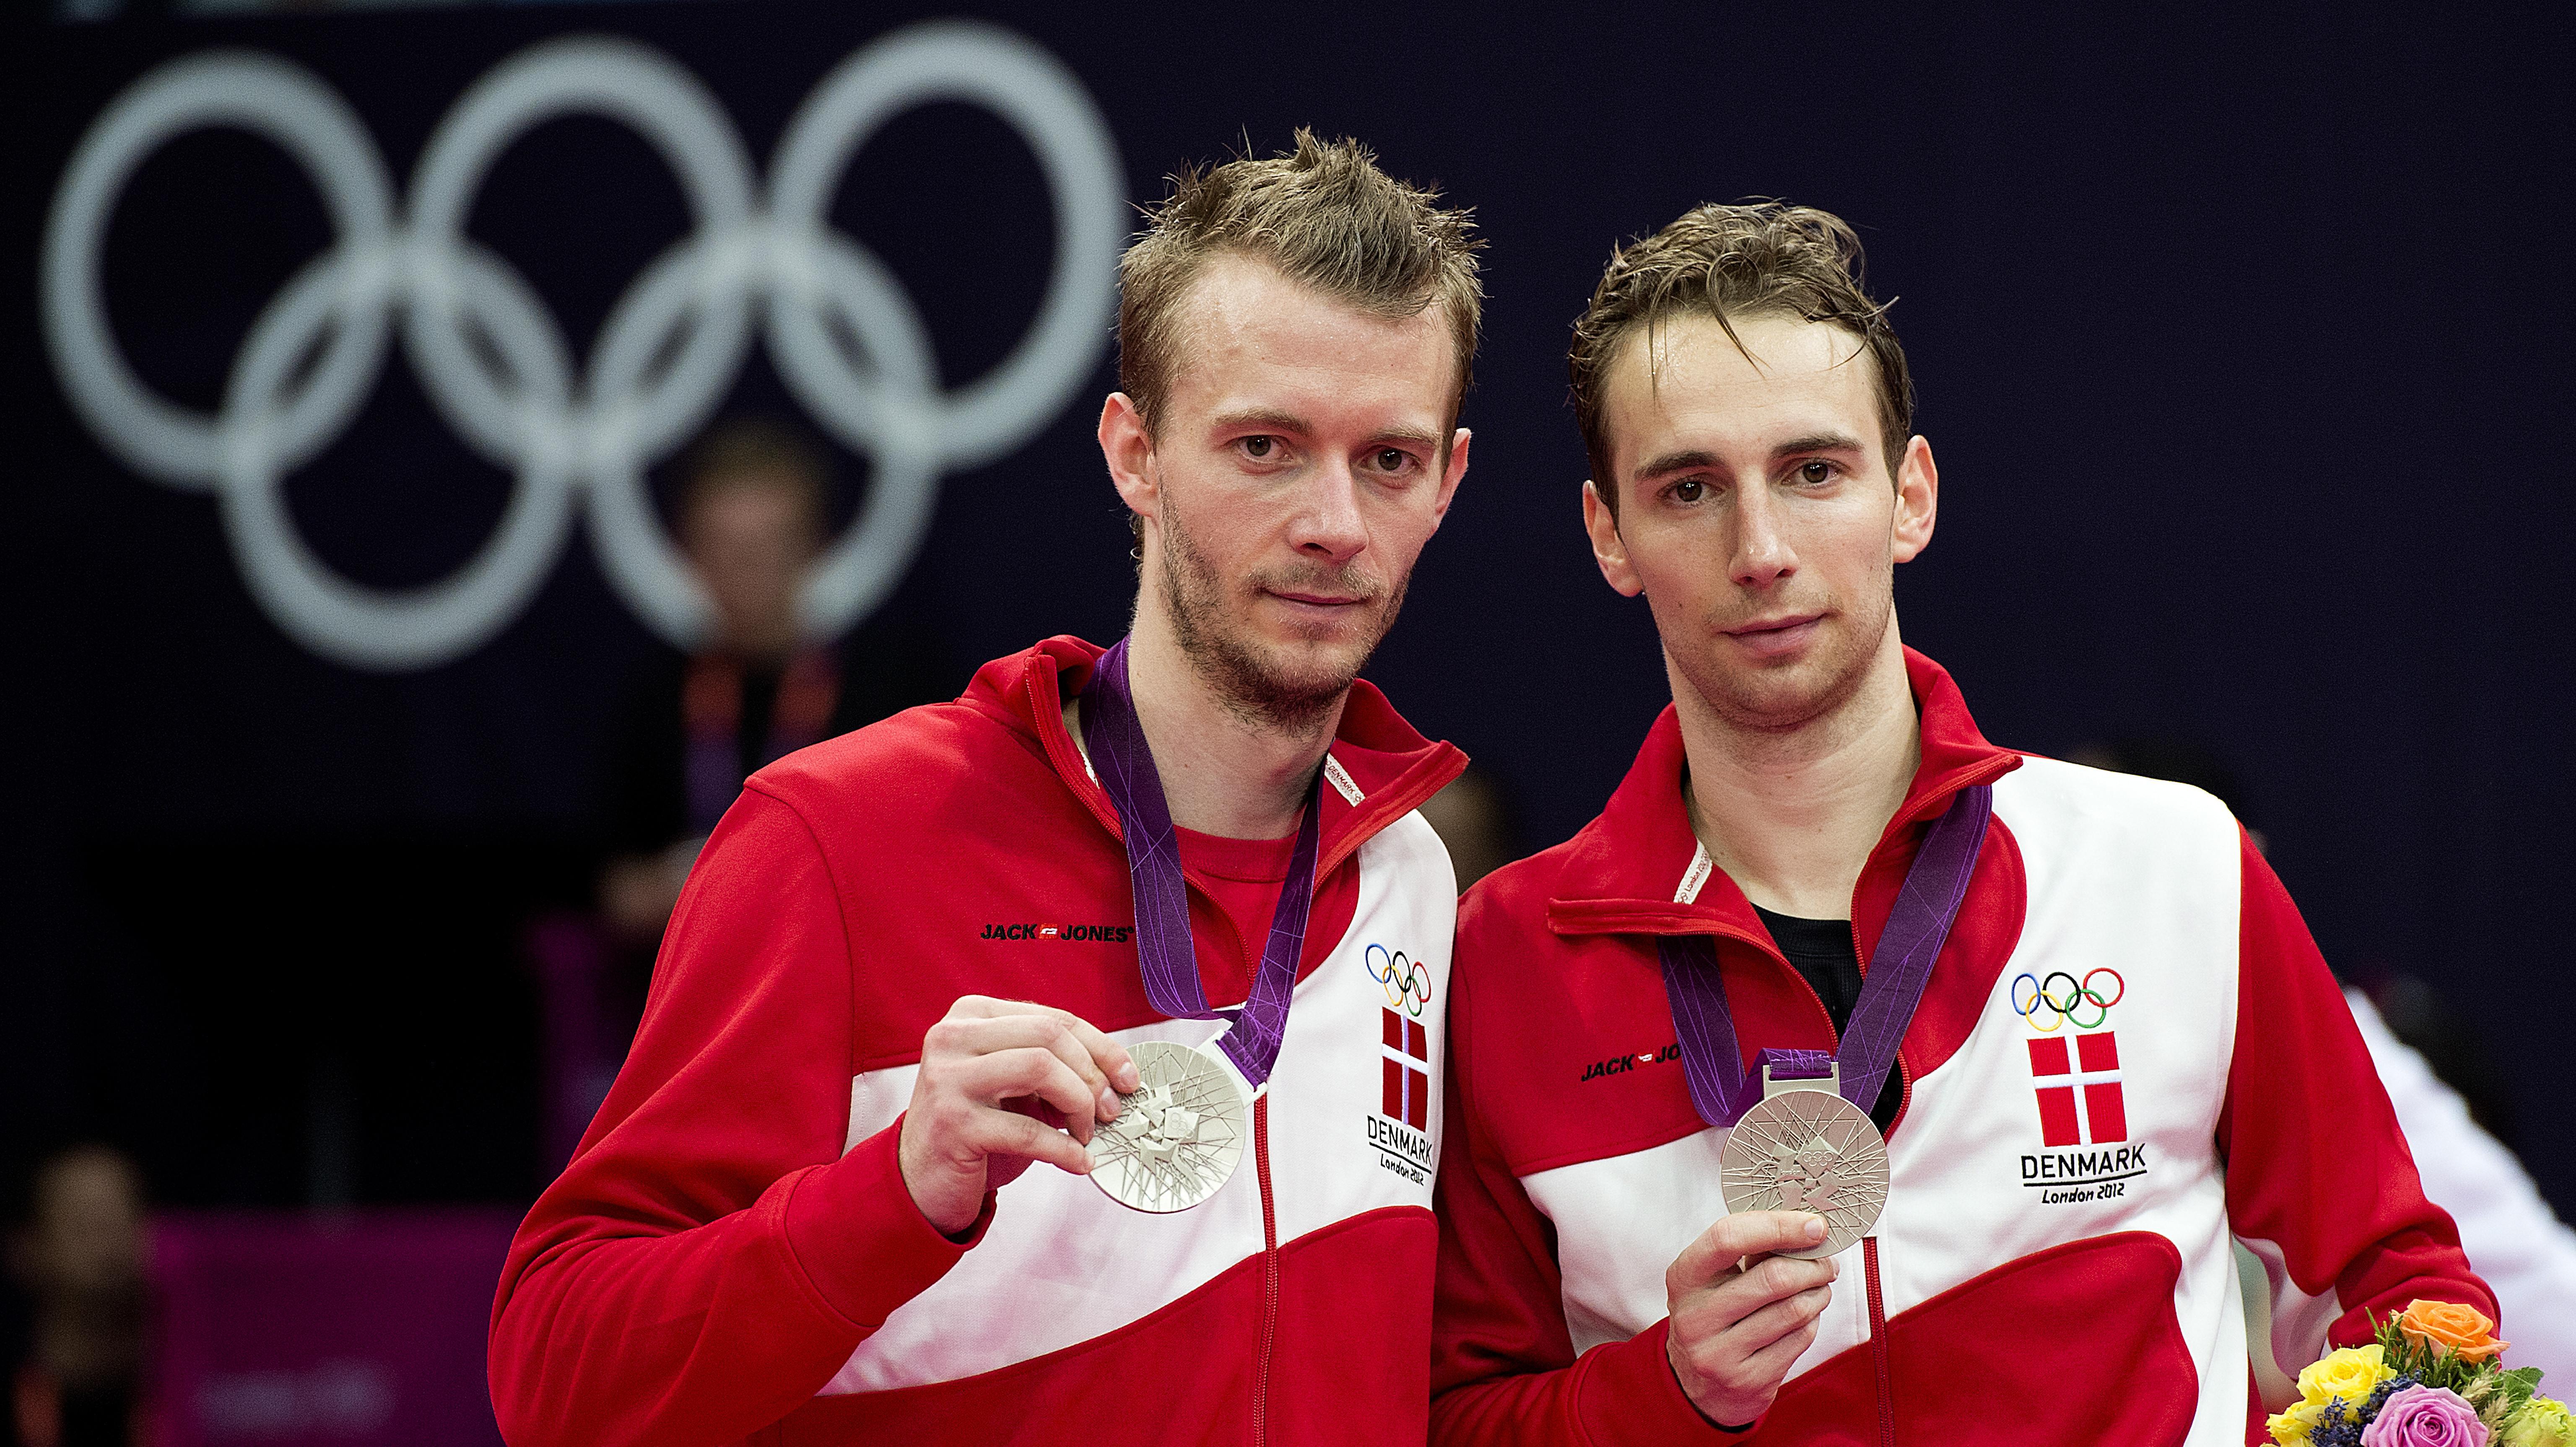 Efter hjernebl¸dning Carsten Mogensen tilbage i OL r¦set